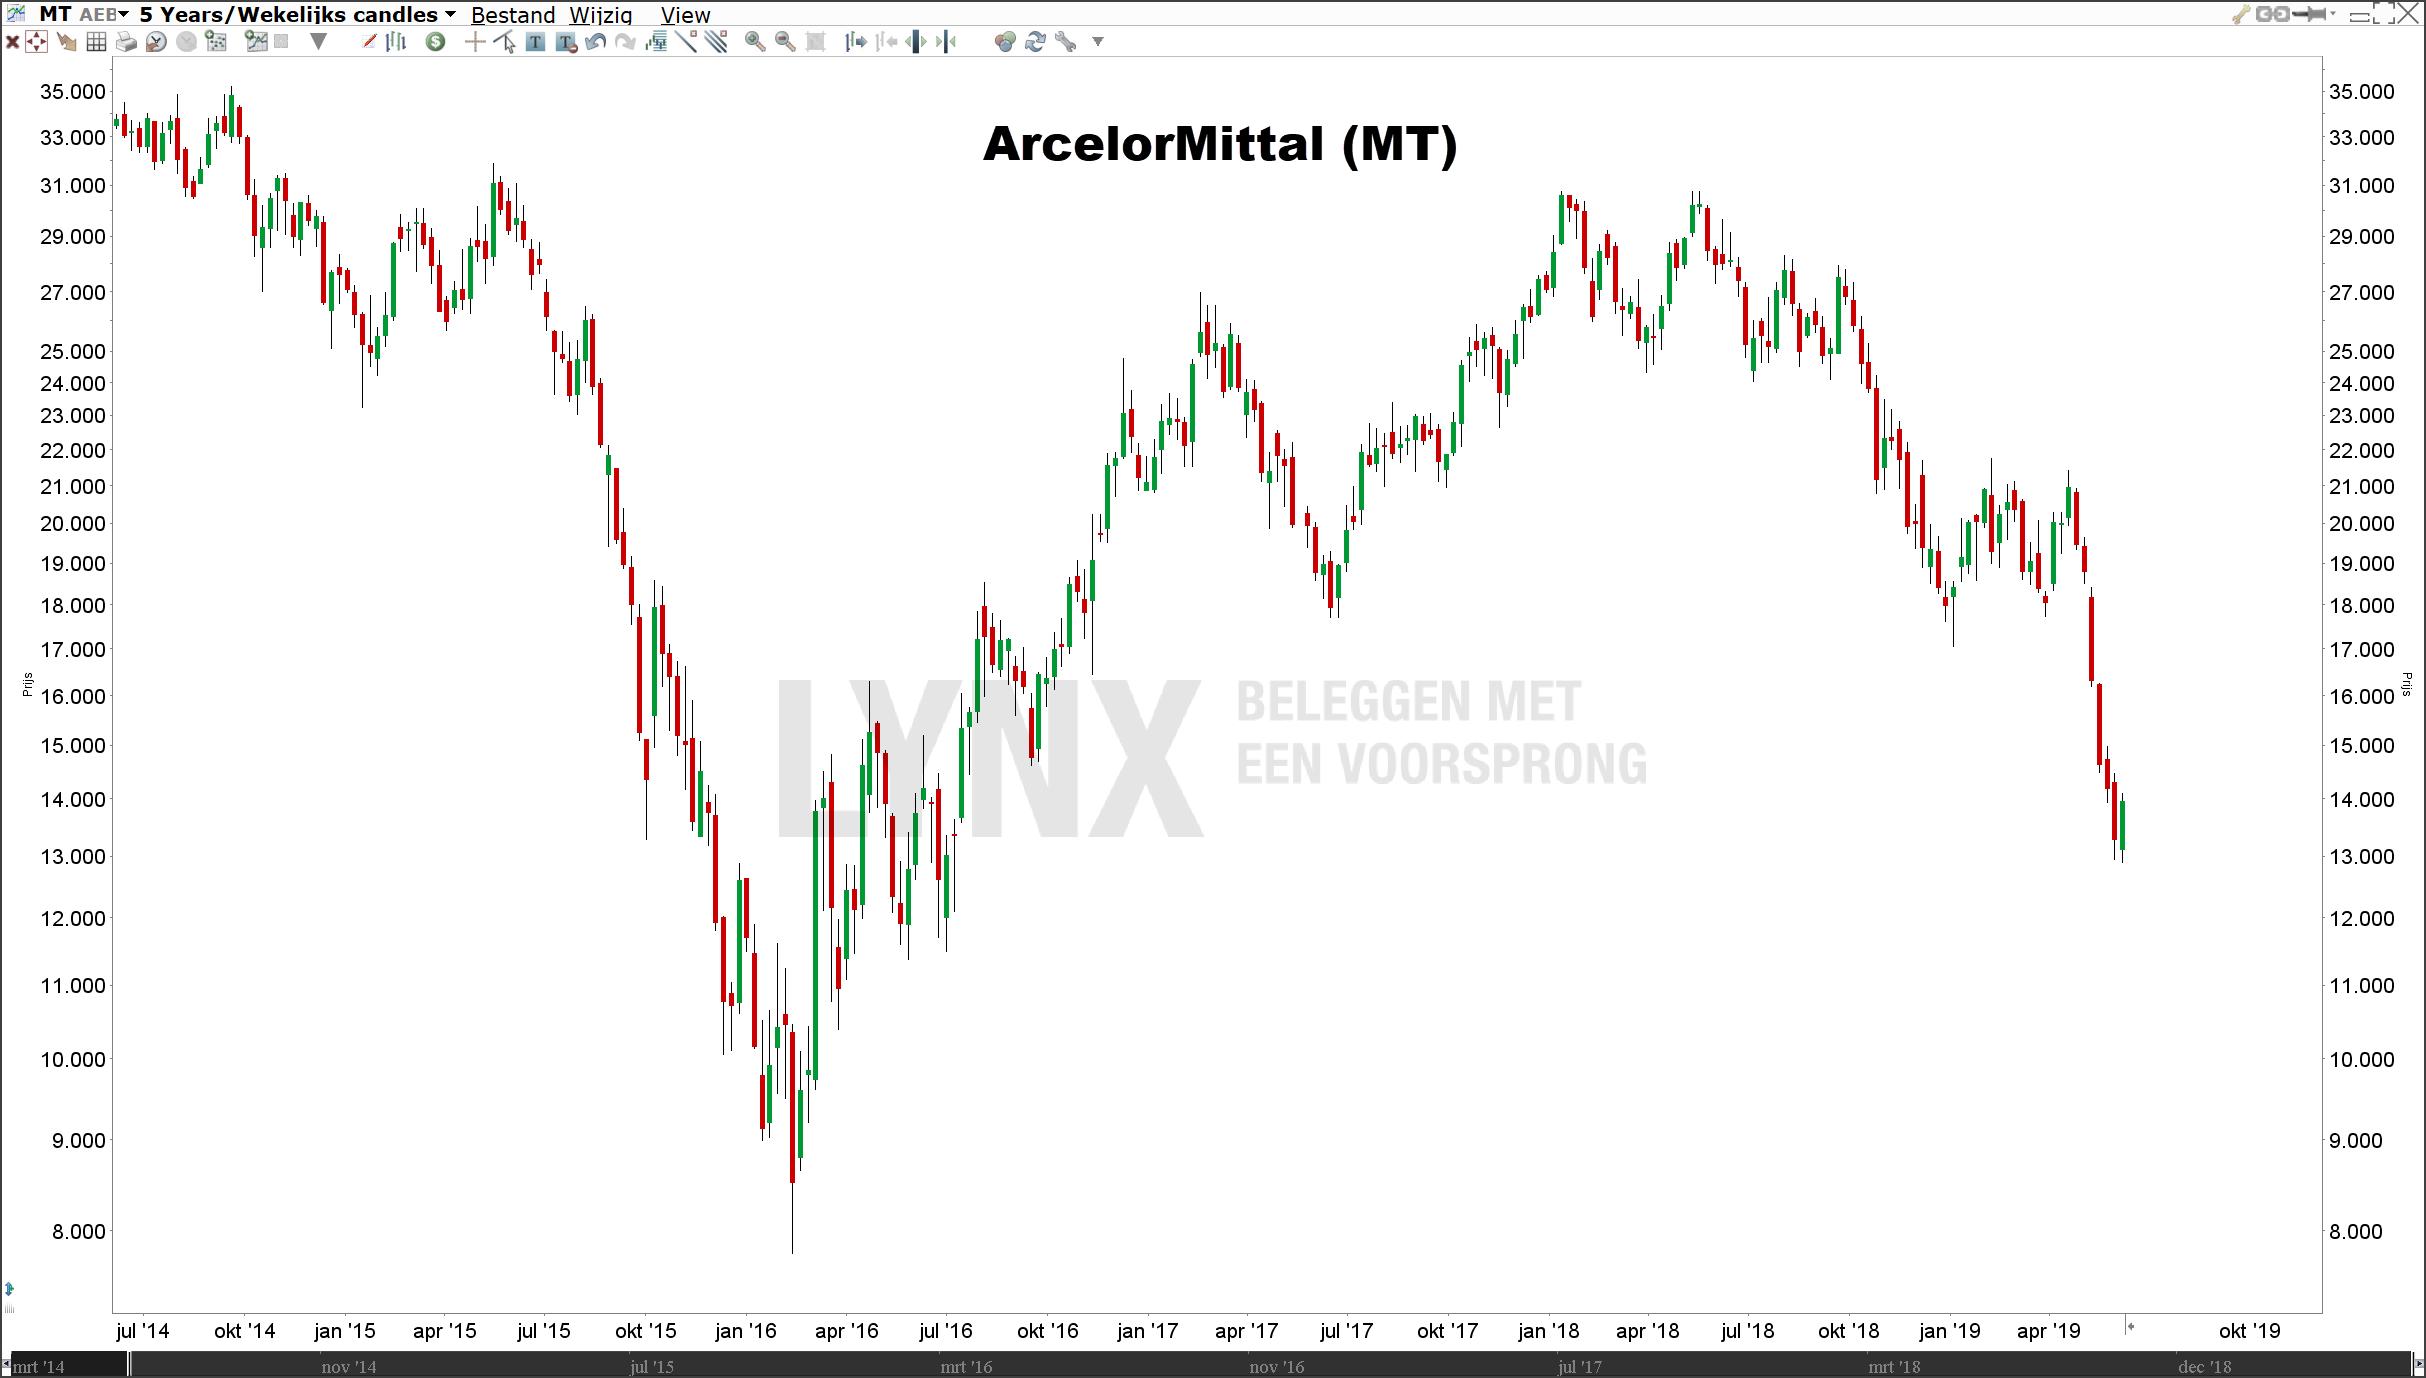 Koers aandeel ArcelorMittal (MT) beweegt op verwachtingen